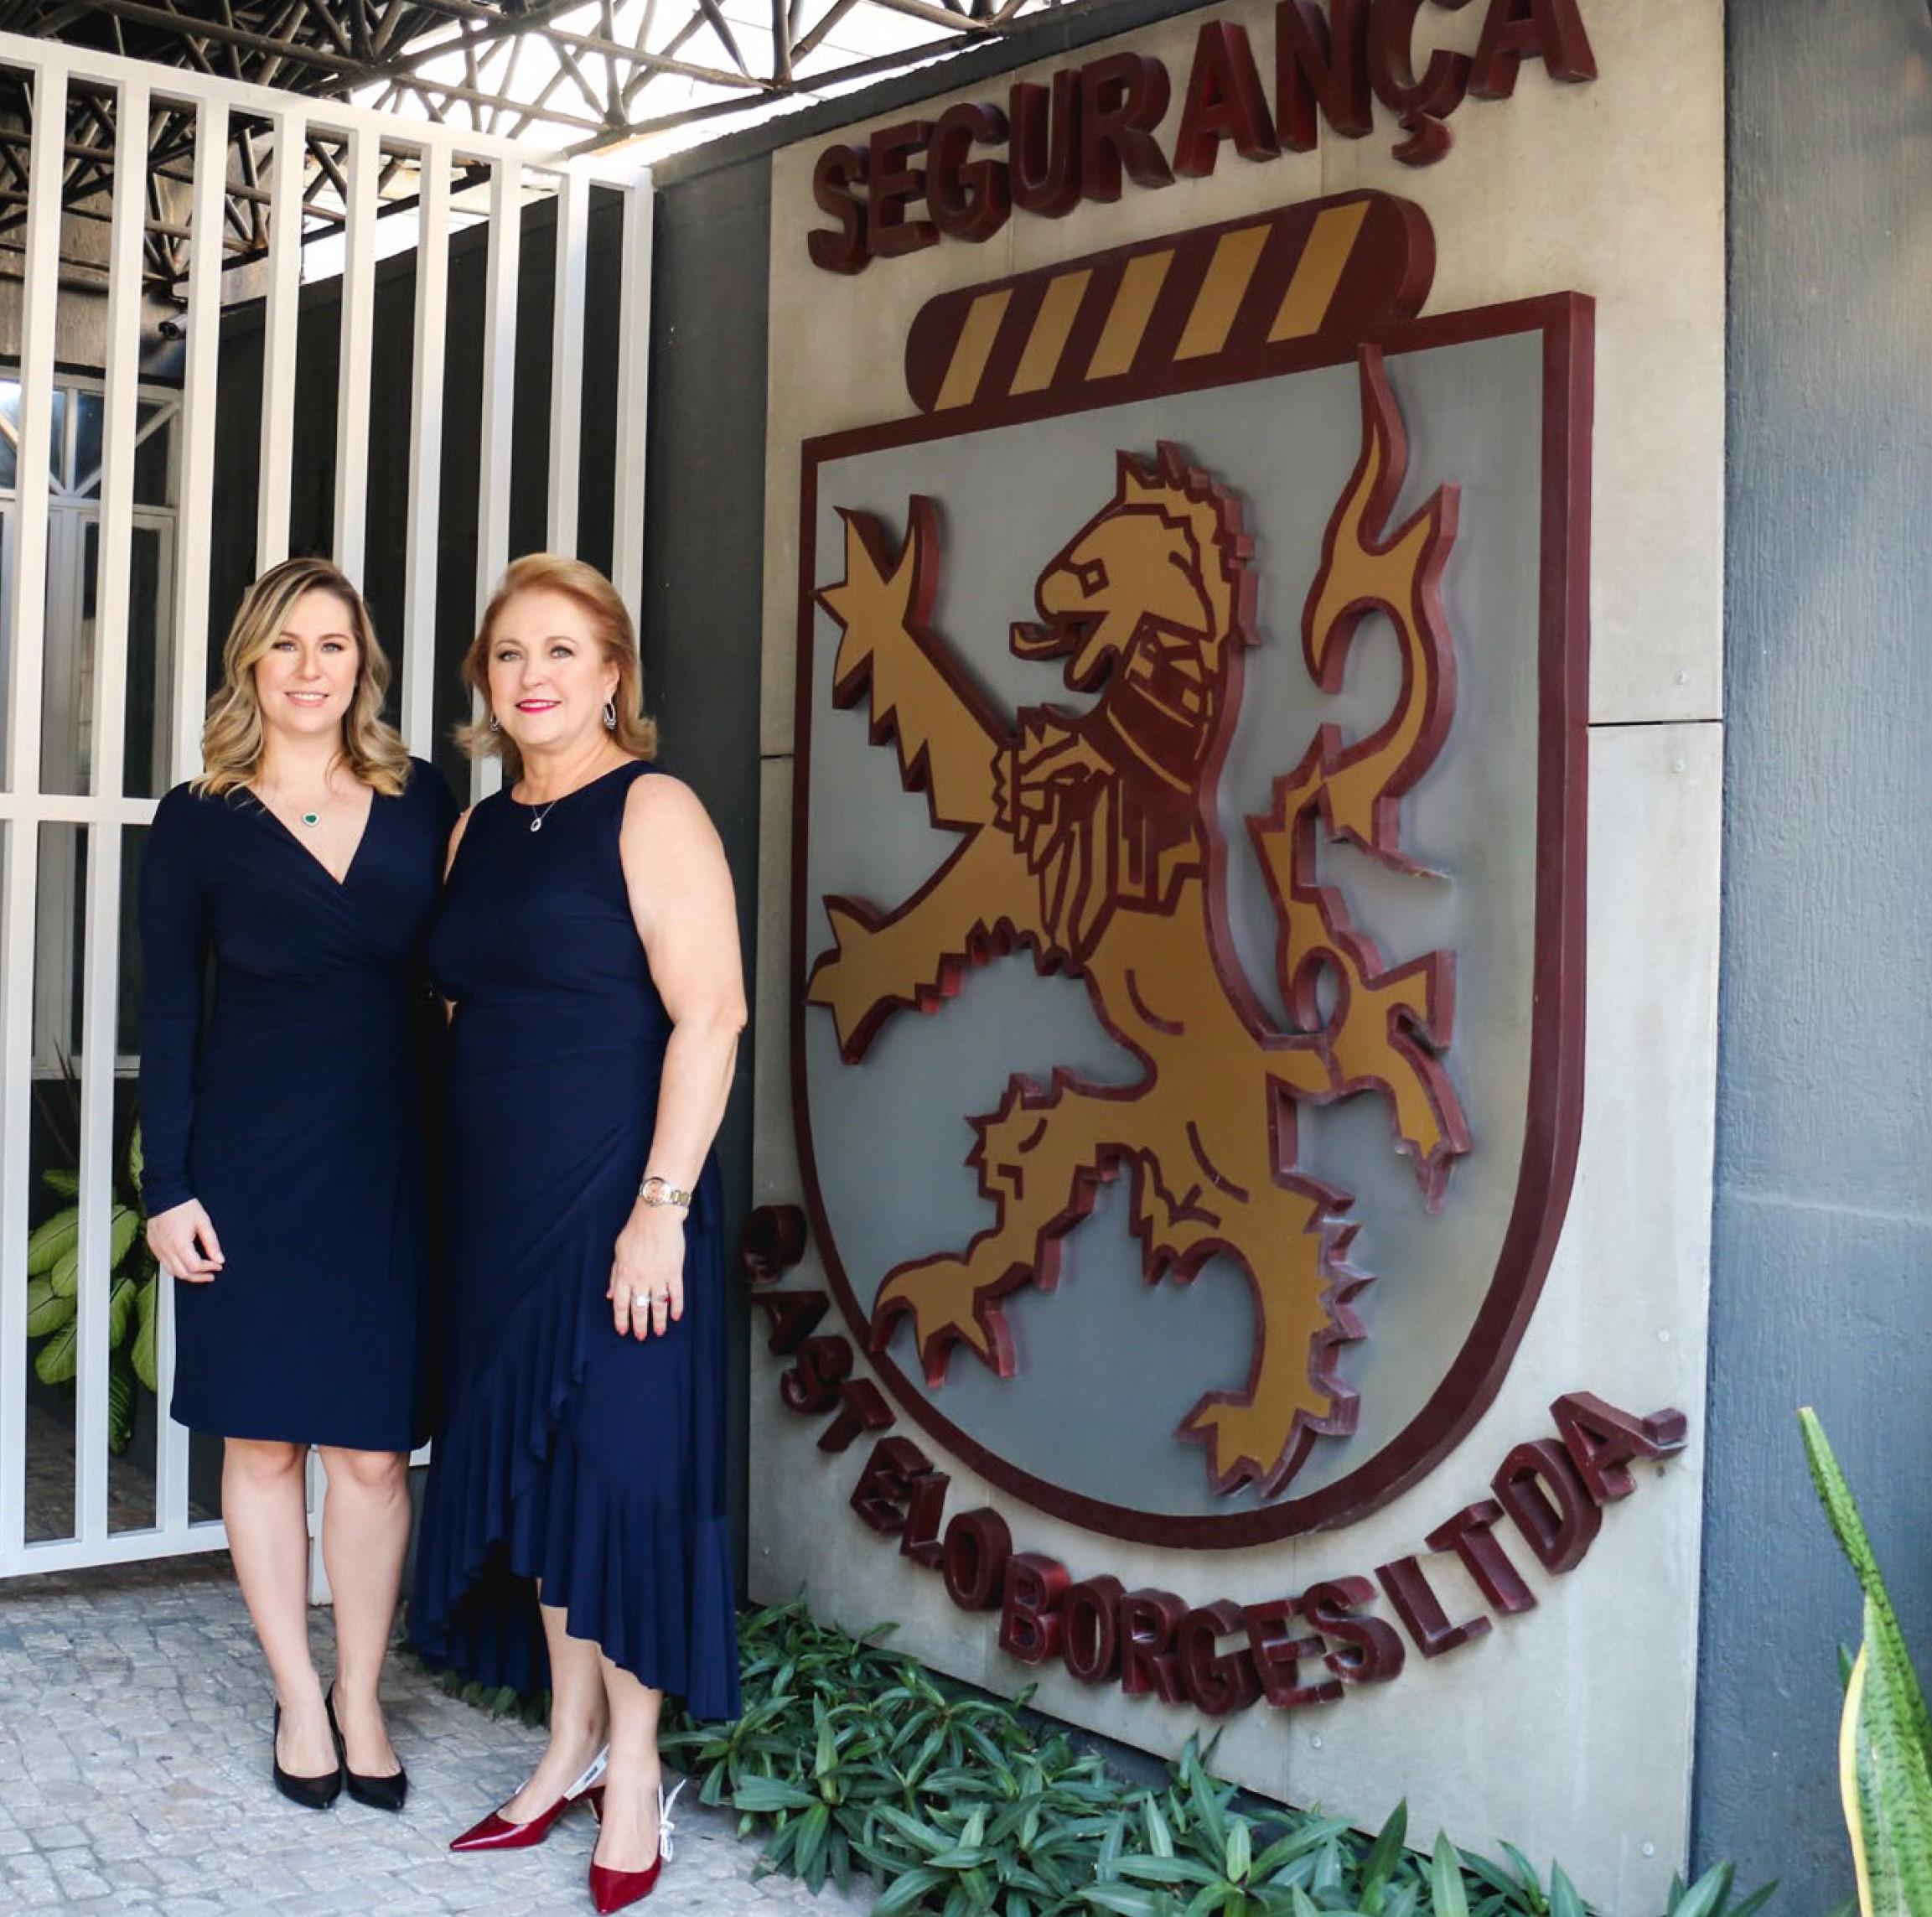 Castelo Borges aposta na capacitação para excelência no serviço